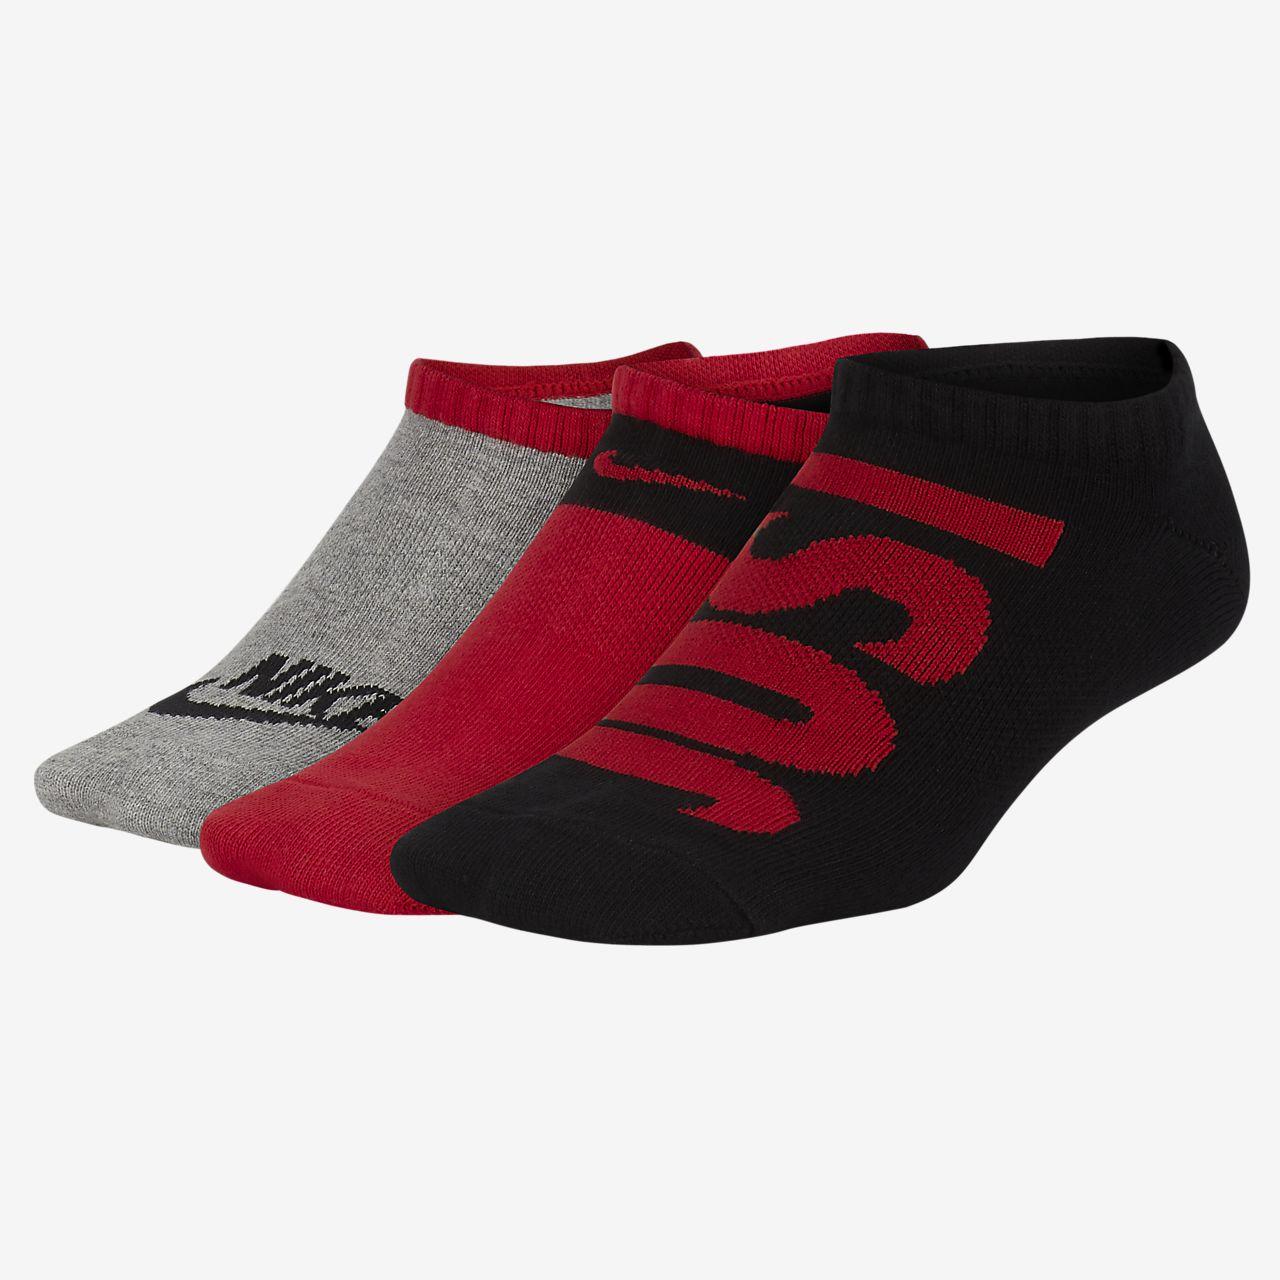 3125dcdd417 ... Dětské tréninkové ponožky Nike Performance Lightweight Low (3 páry)